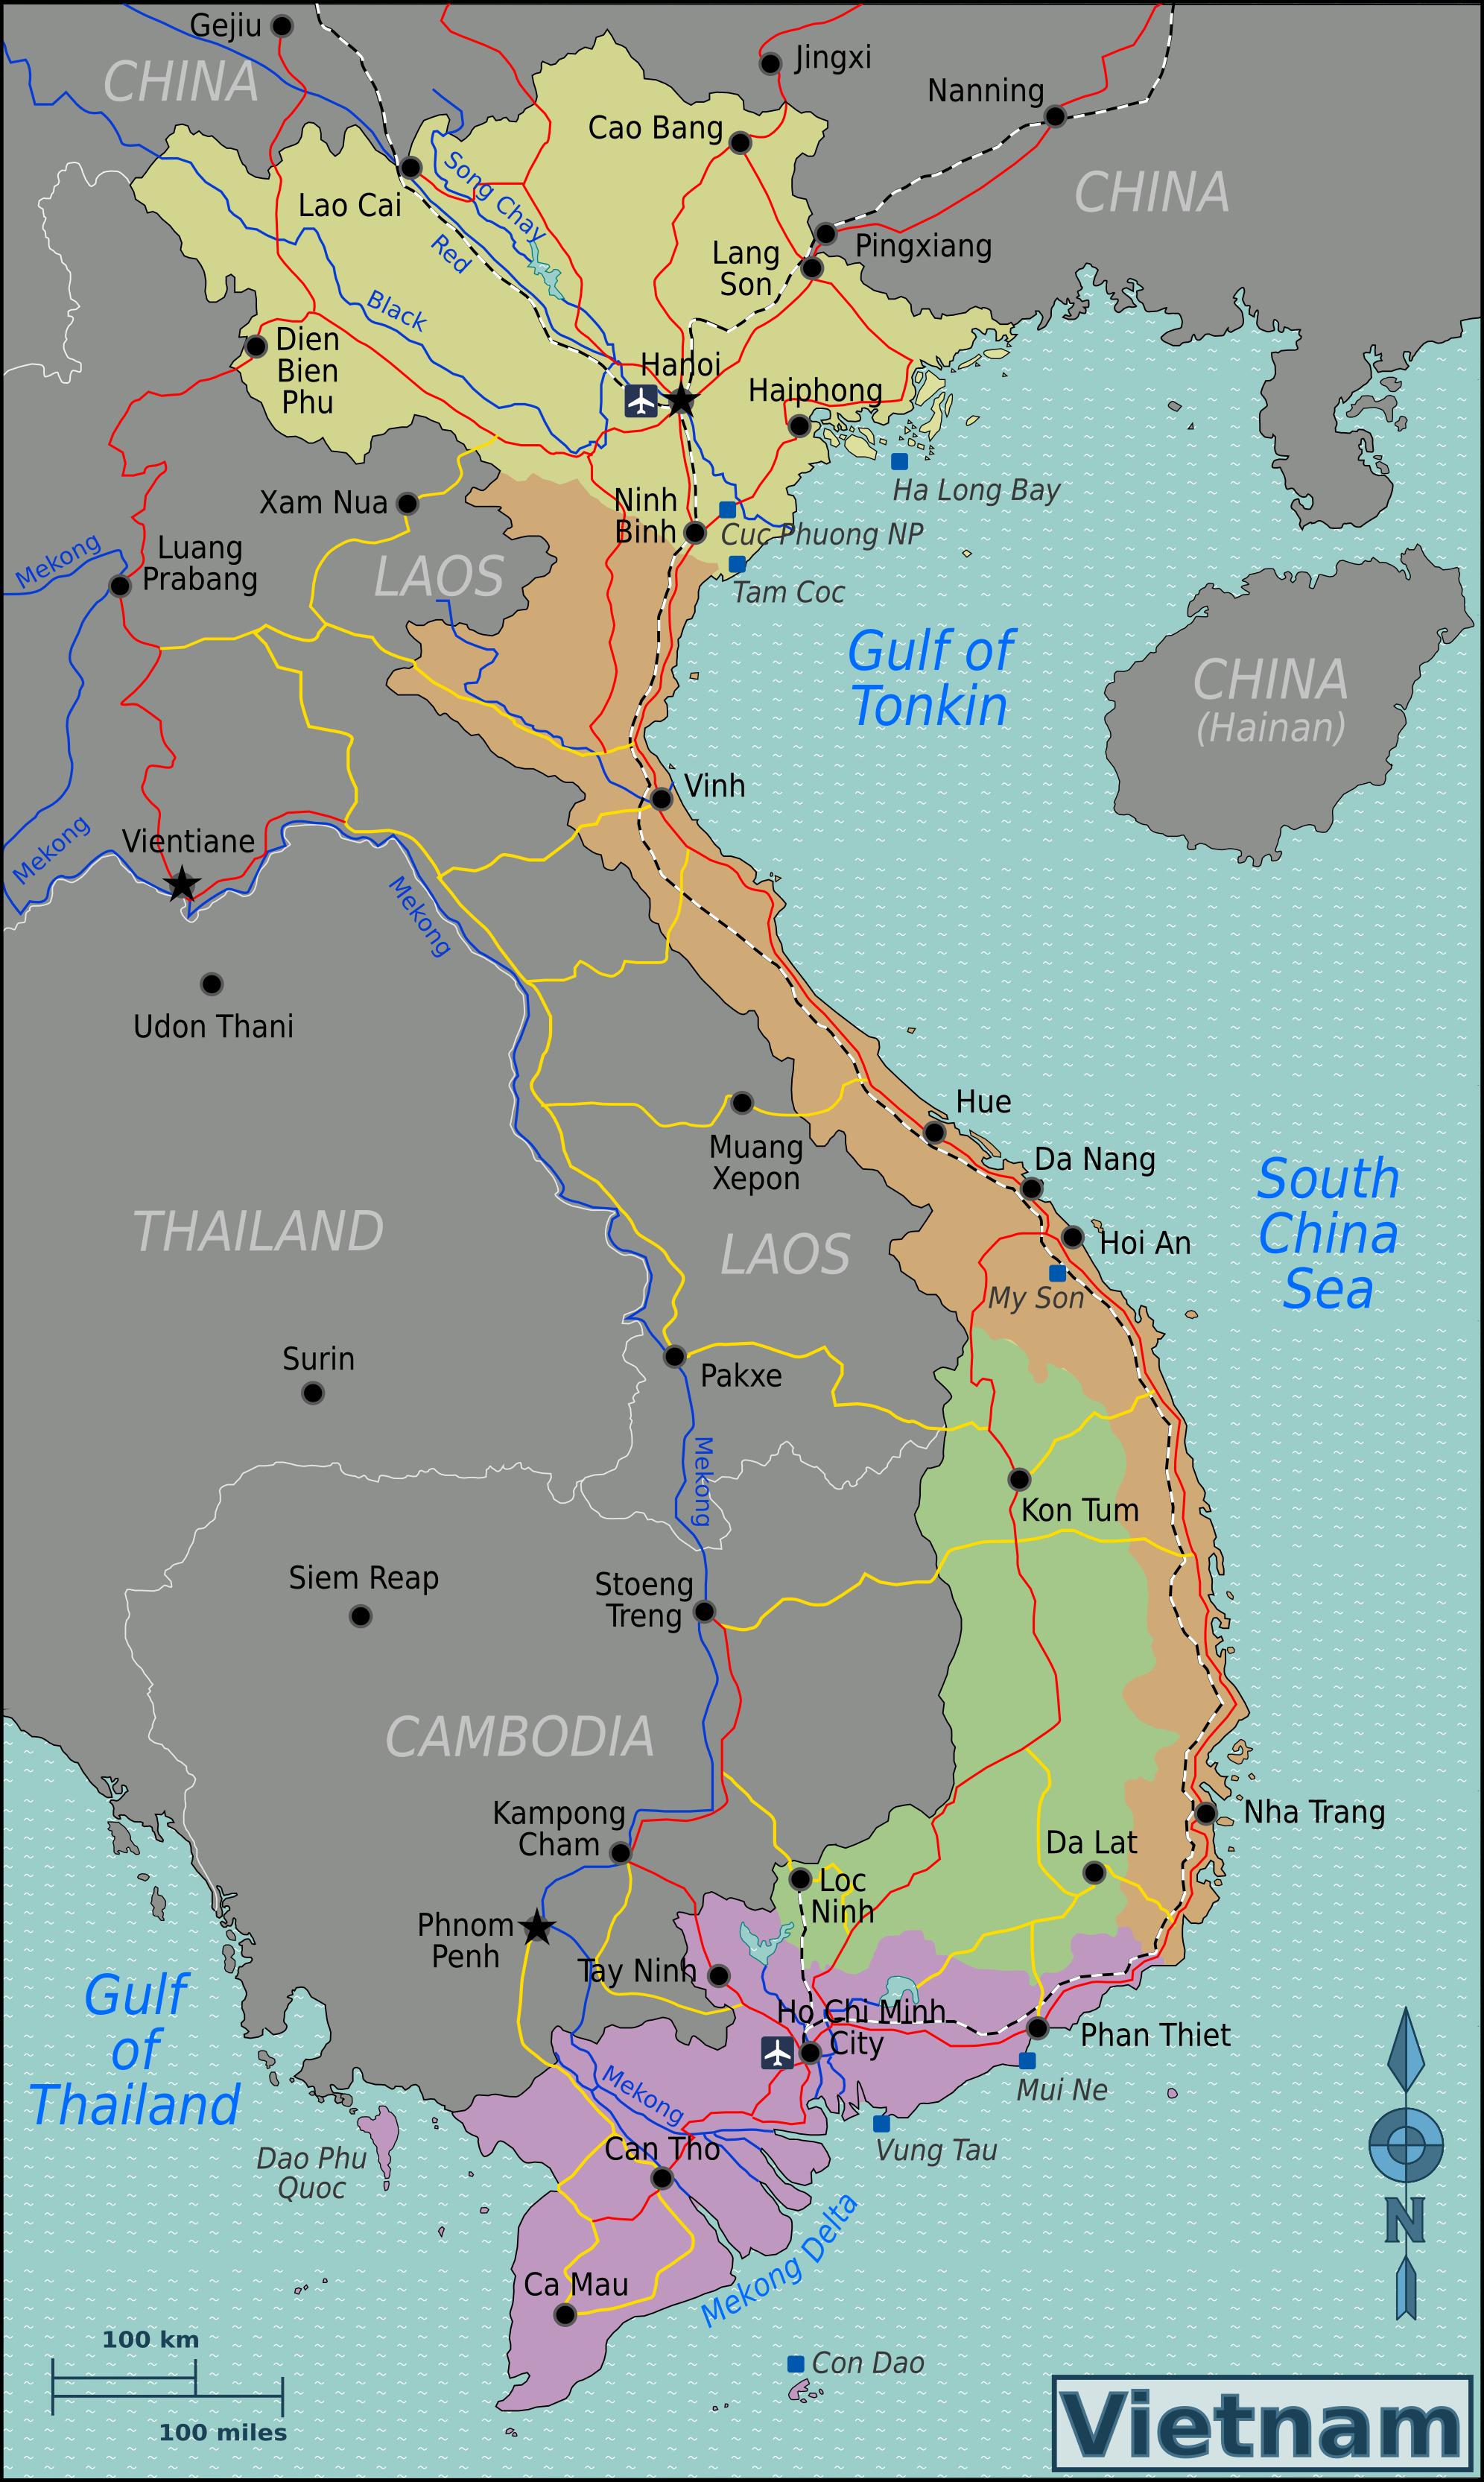 weltkarte vietnam Landkarten Vietnam (Übersichtskarte/Regionen) : Weltkarte. weltkarte vietnam